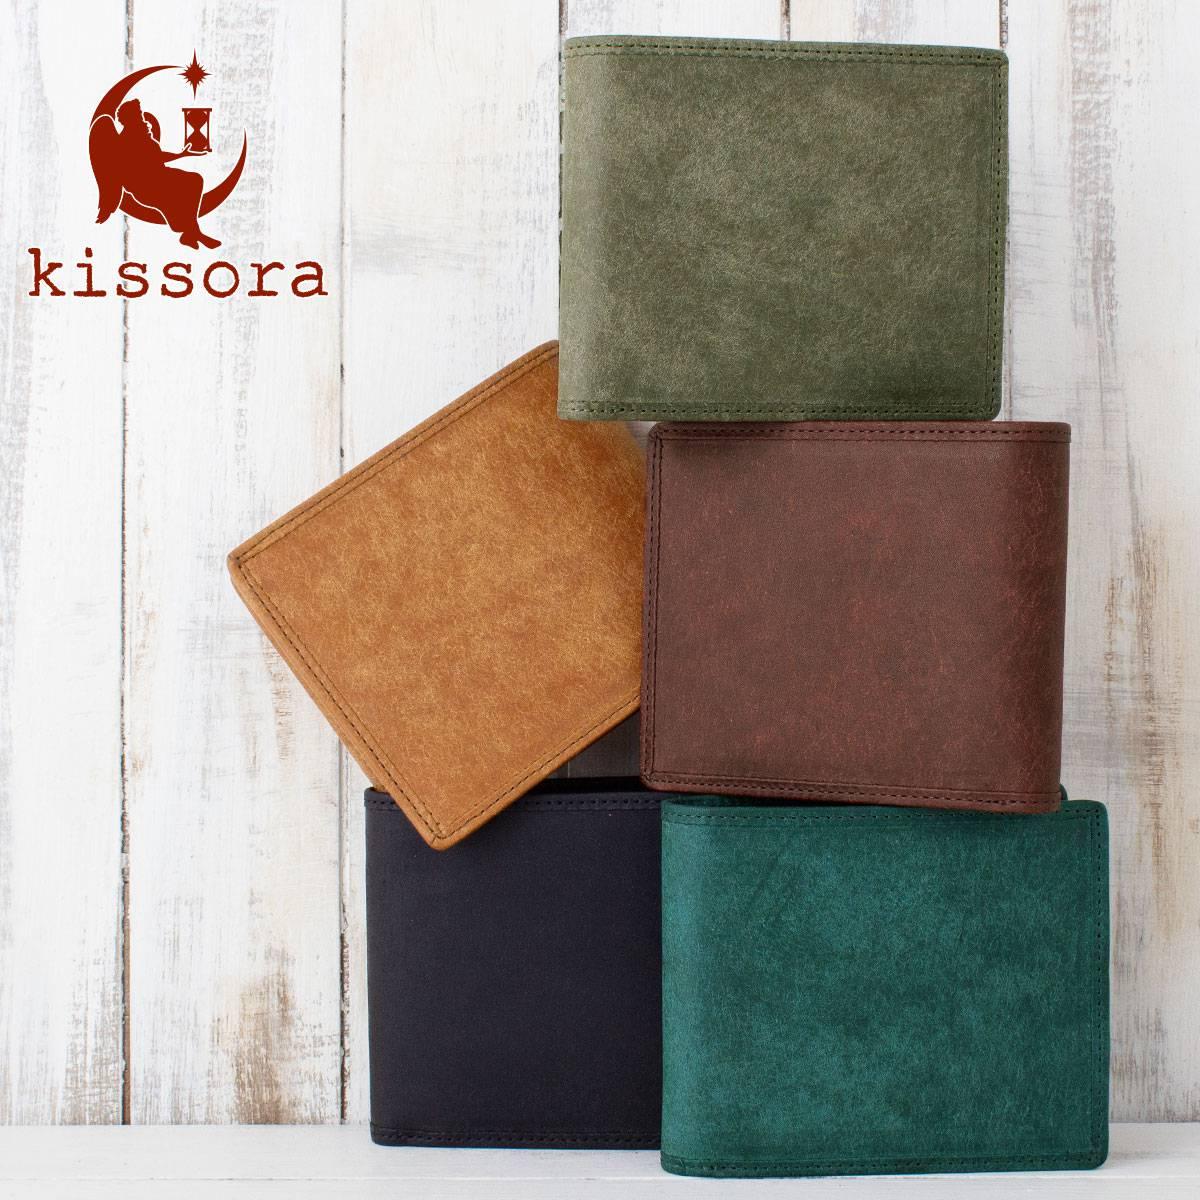 二つ折り財布 本革 kissora キソラ KIES-004 プエブロ 財布 レザー 日本製 レディース